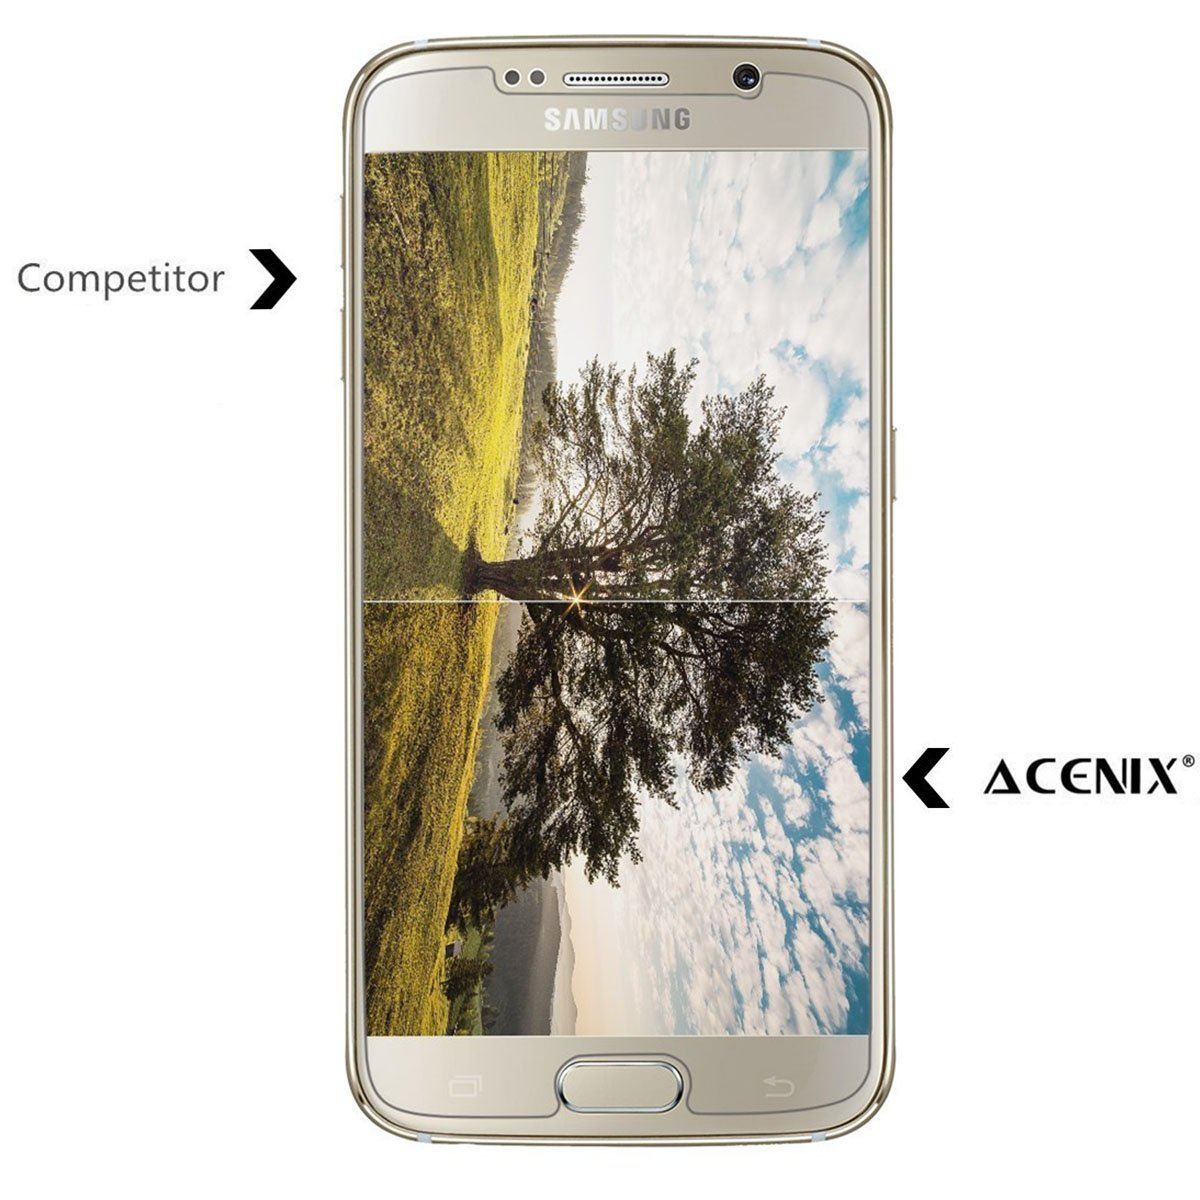 ACENIX® S6 Cristal Templado Premium Protector de pantalla, Shield transparente calidad HD para Samsung Galaxy S6, garantía de por vida [instalación sin ...